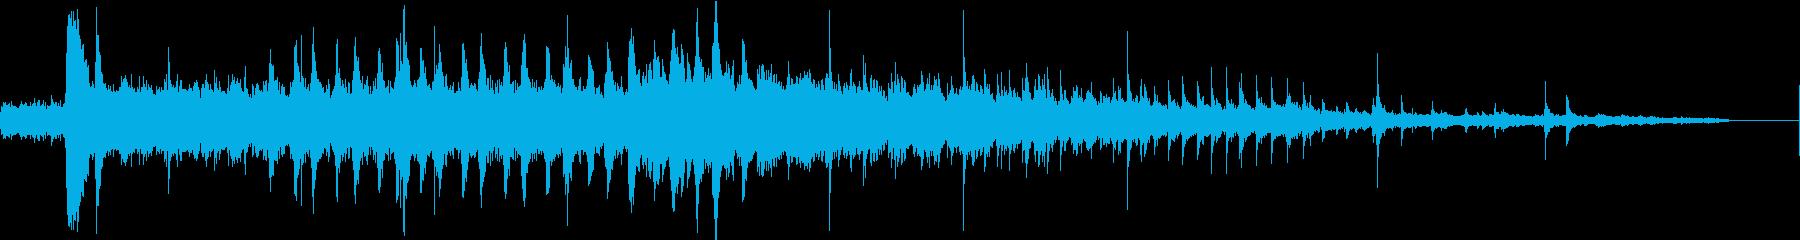 ベルトドライブマシン、スタート、ラ...の再生済みの波形